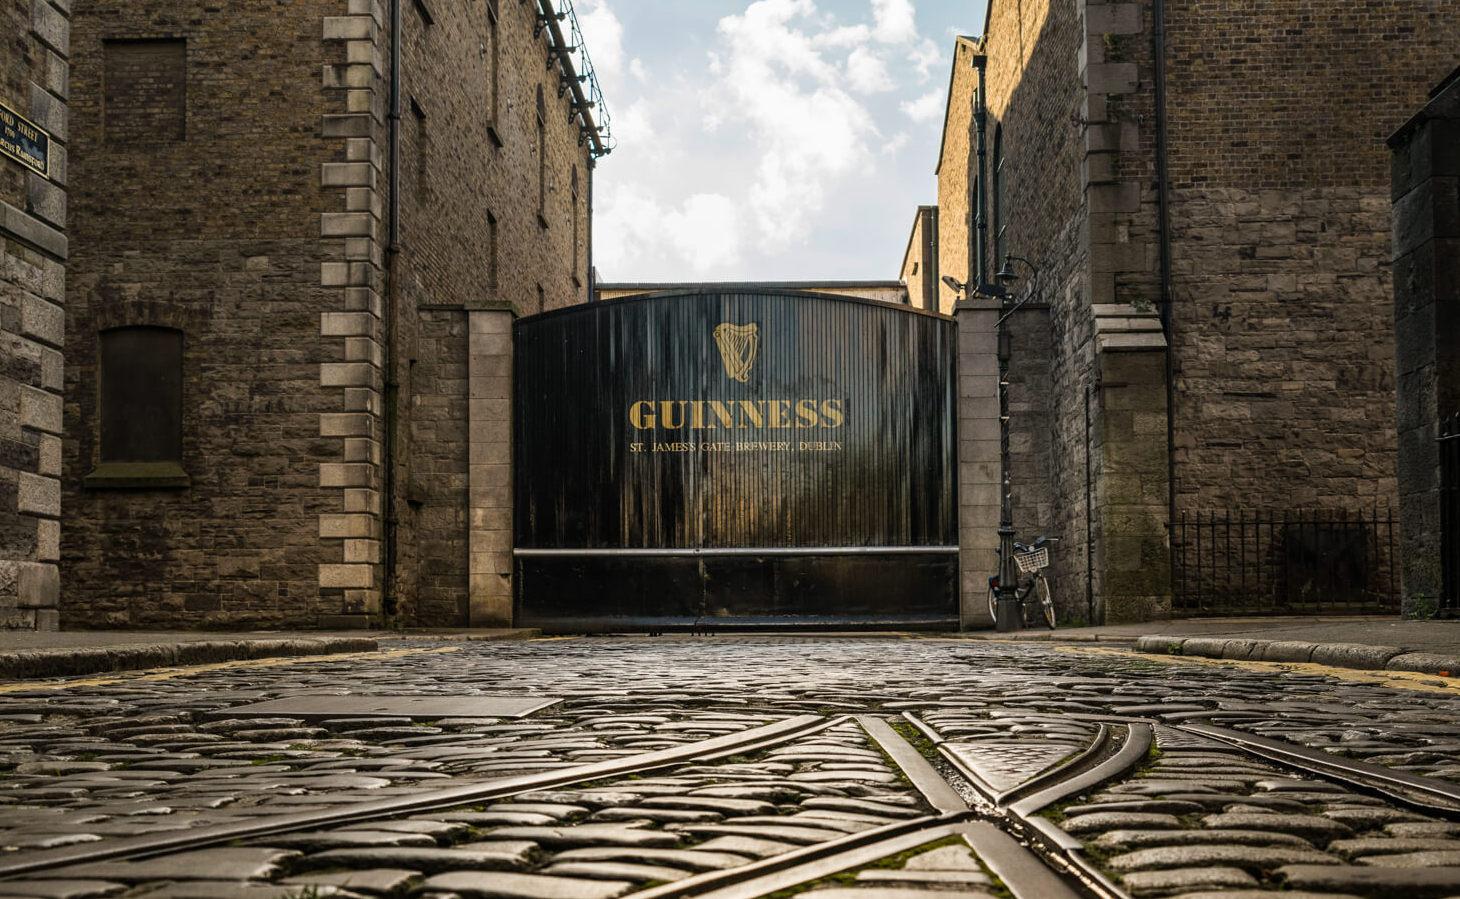 guinness storehouse - Guinness budget ₦7.2 million for winner of Maltavator challenge